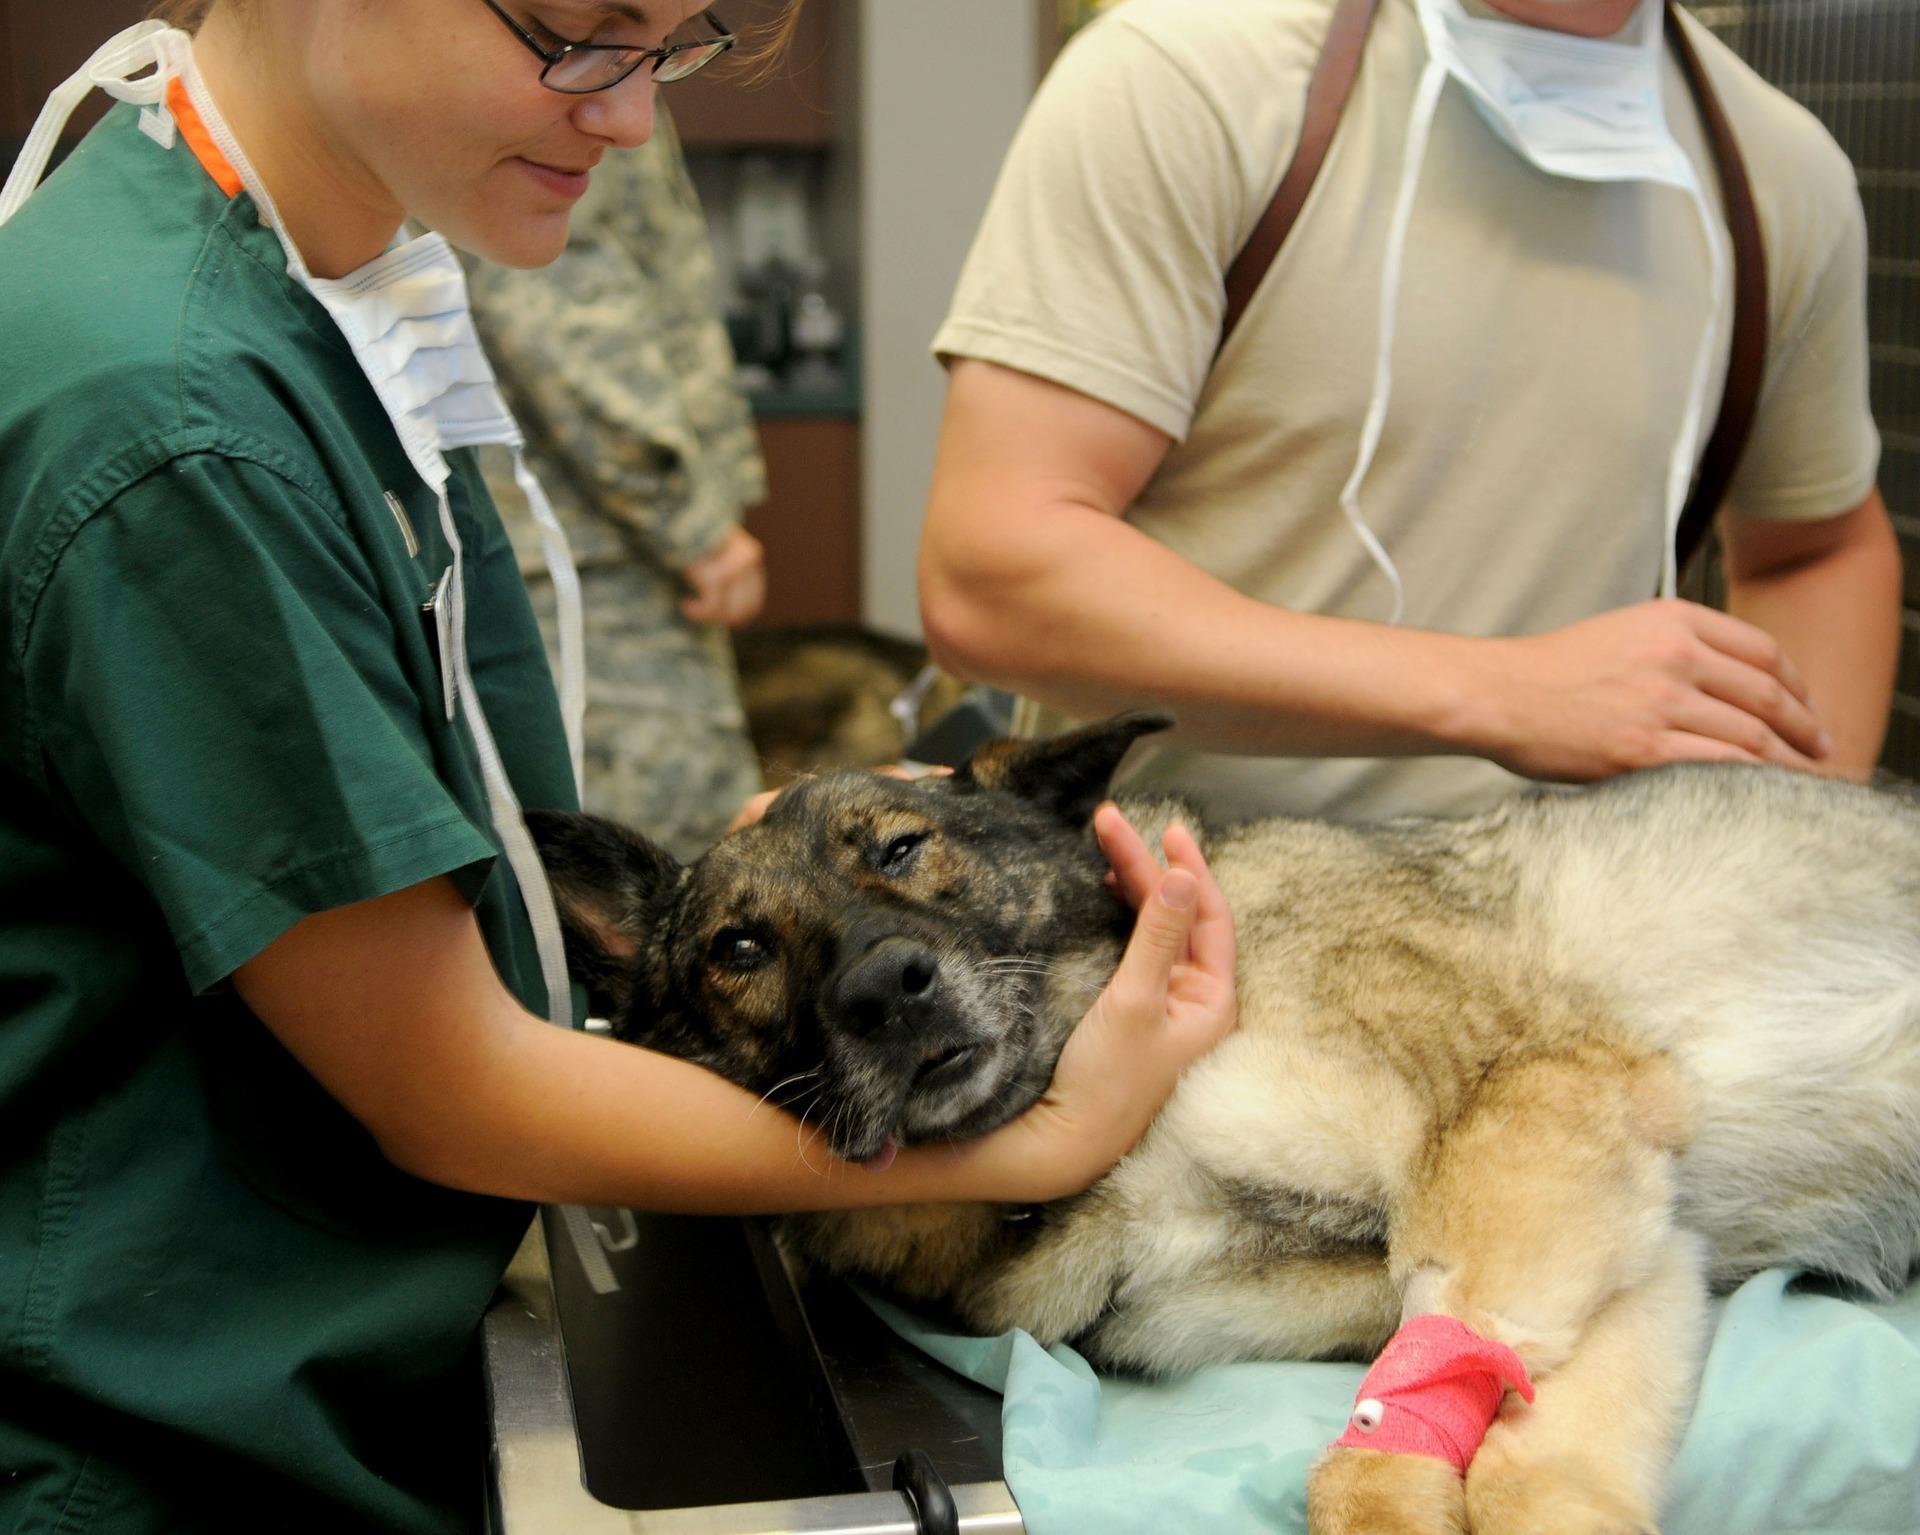 La muselière peut être demandée pour certaines consultations vétérinaires